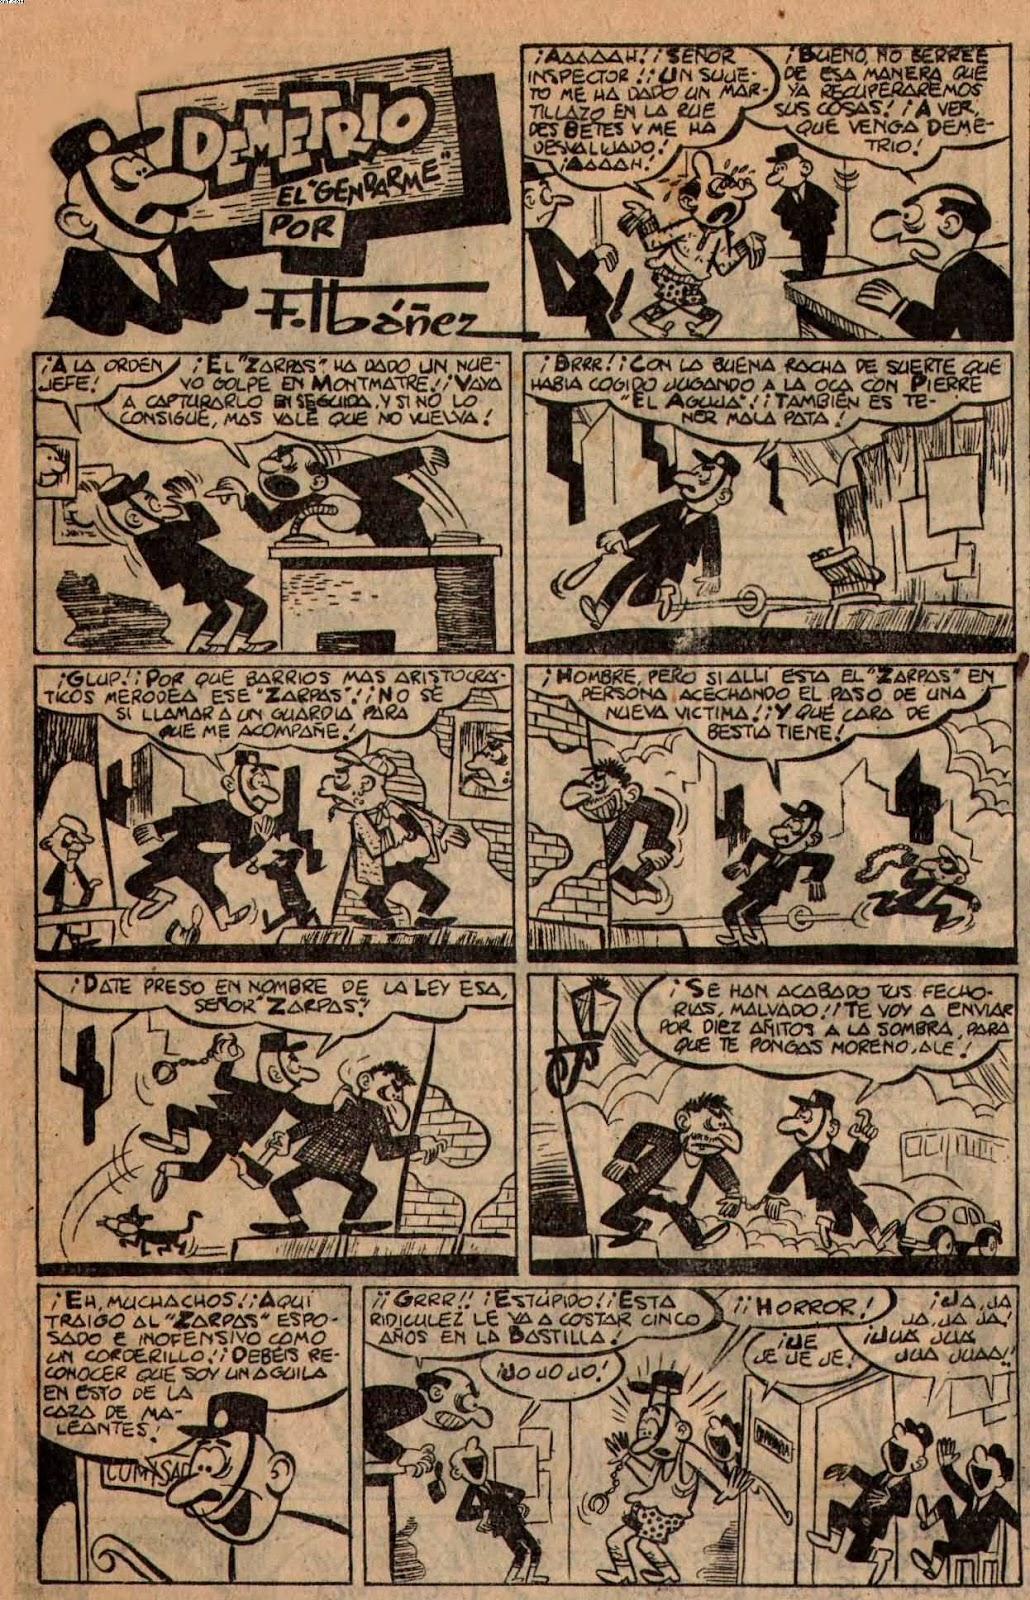 Demetrio el Gendarme, Almanaque la Risa 1957